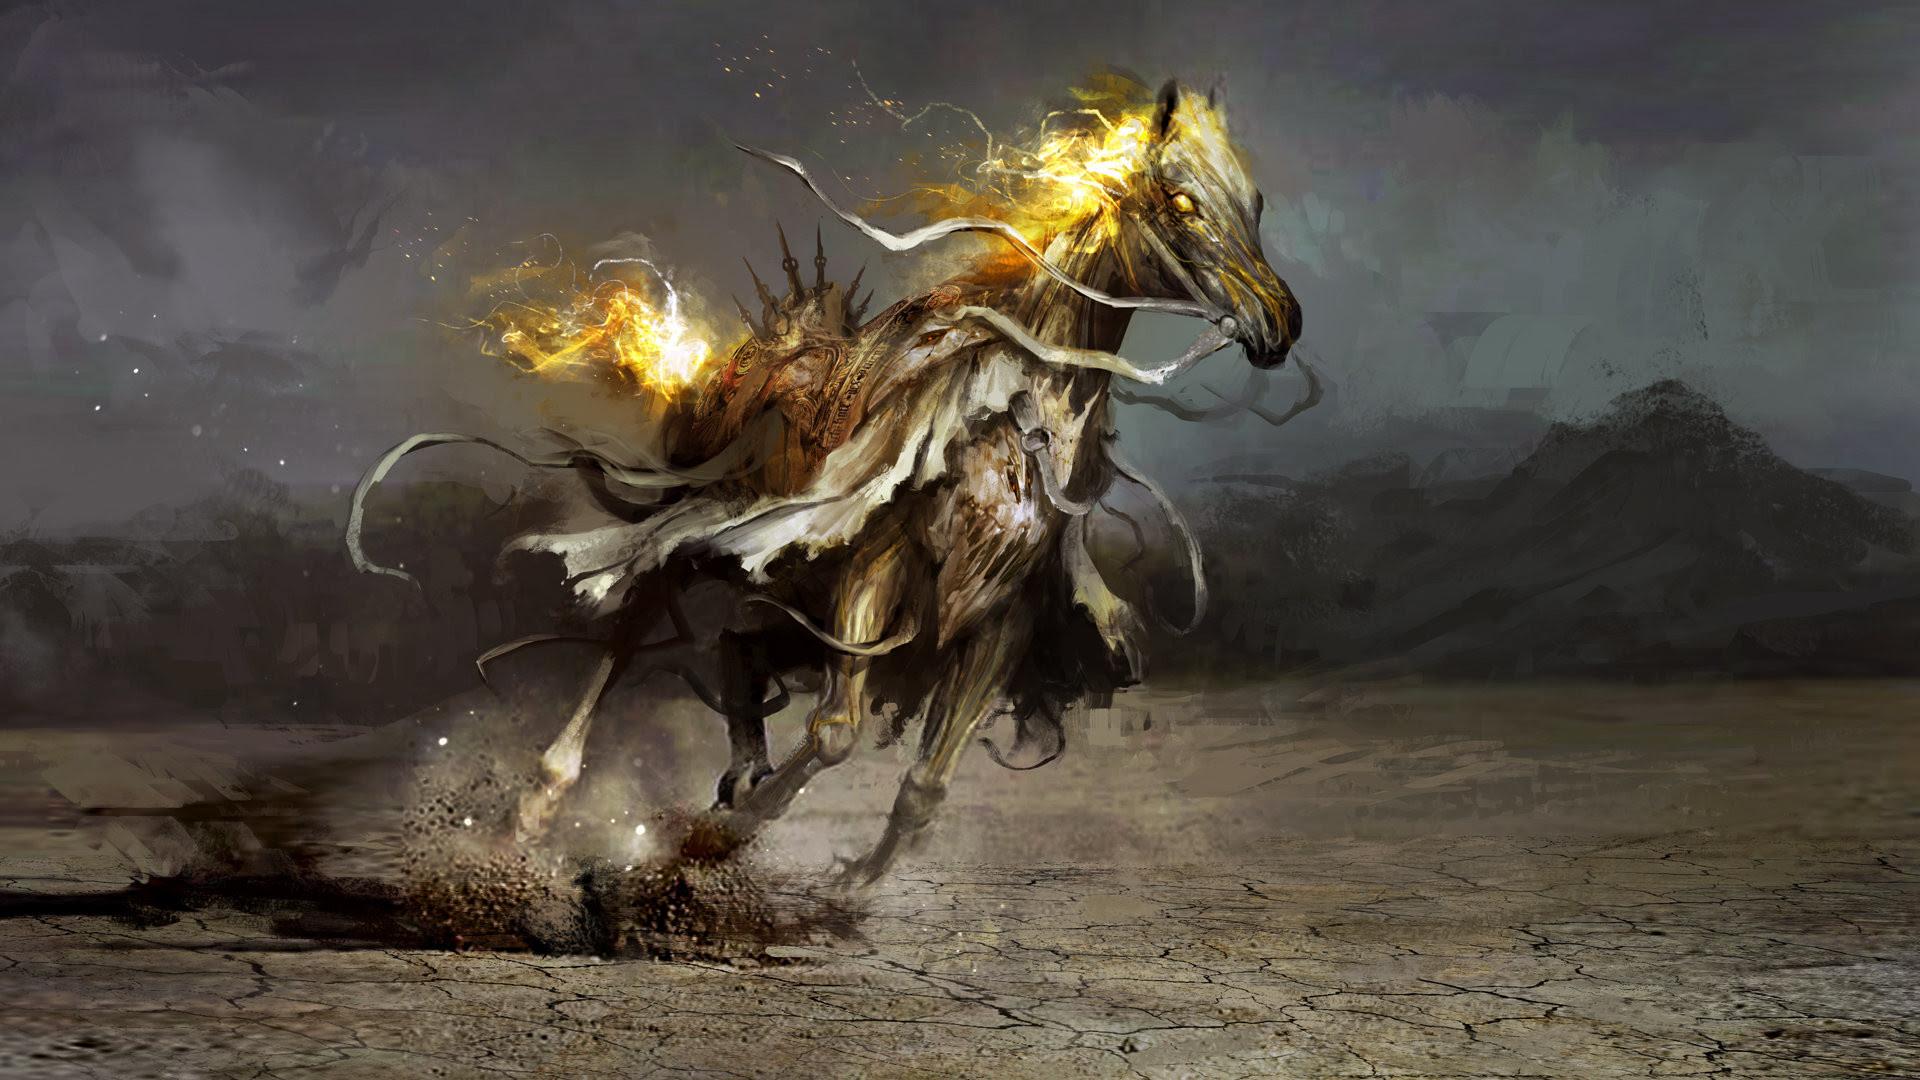 The 4 Horsemen Of Apocalypse Hd Wallpapers